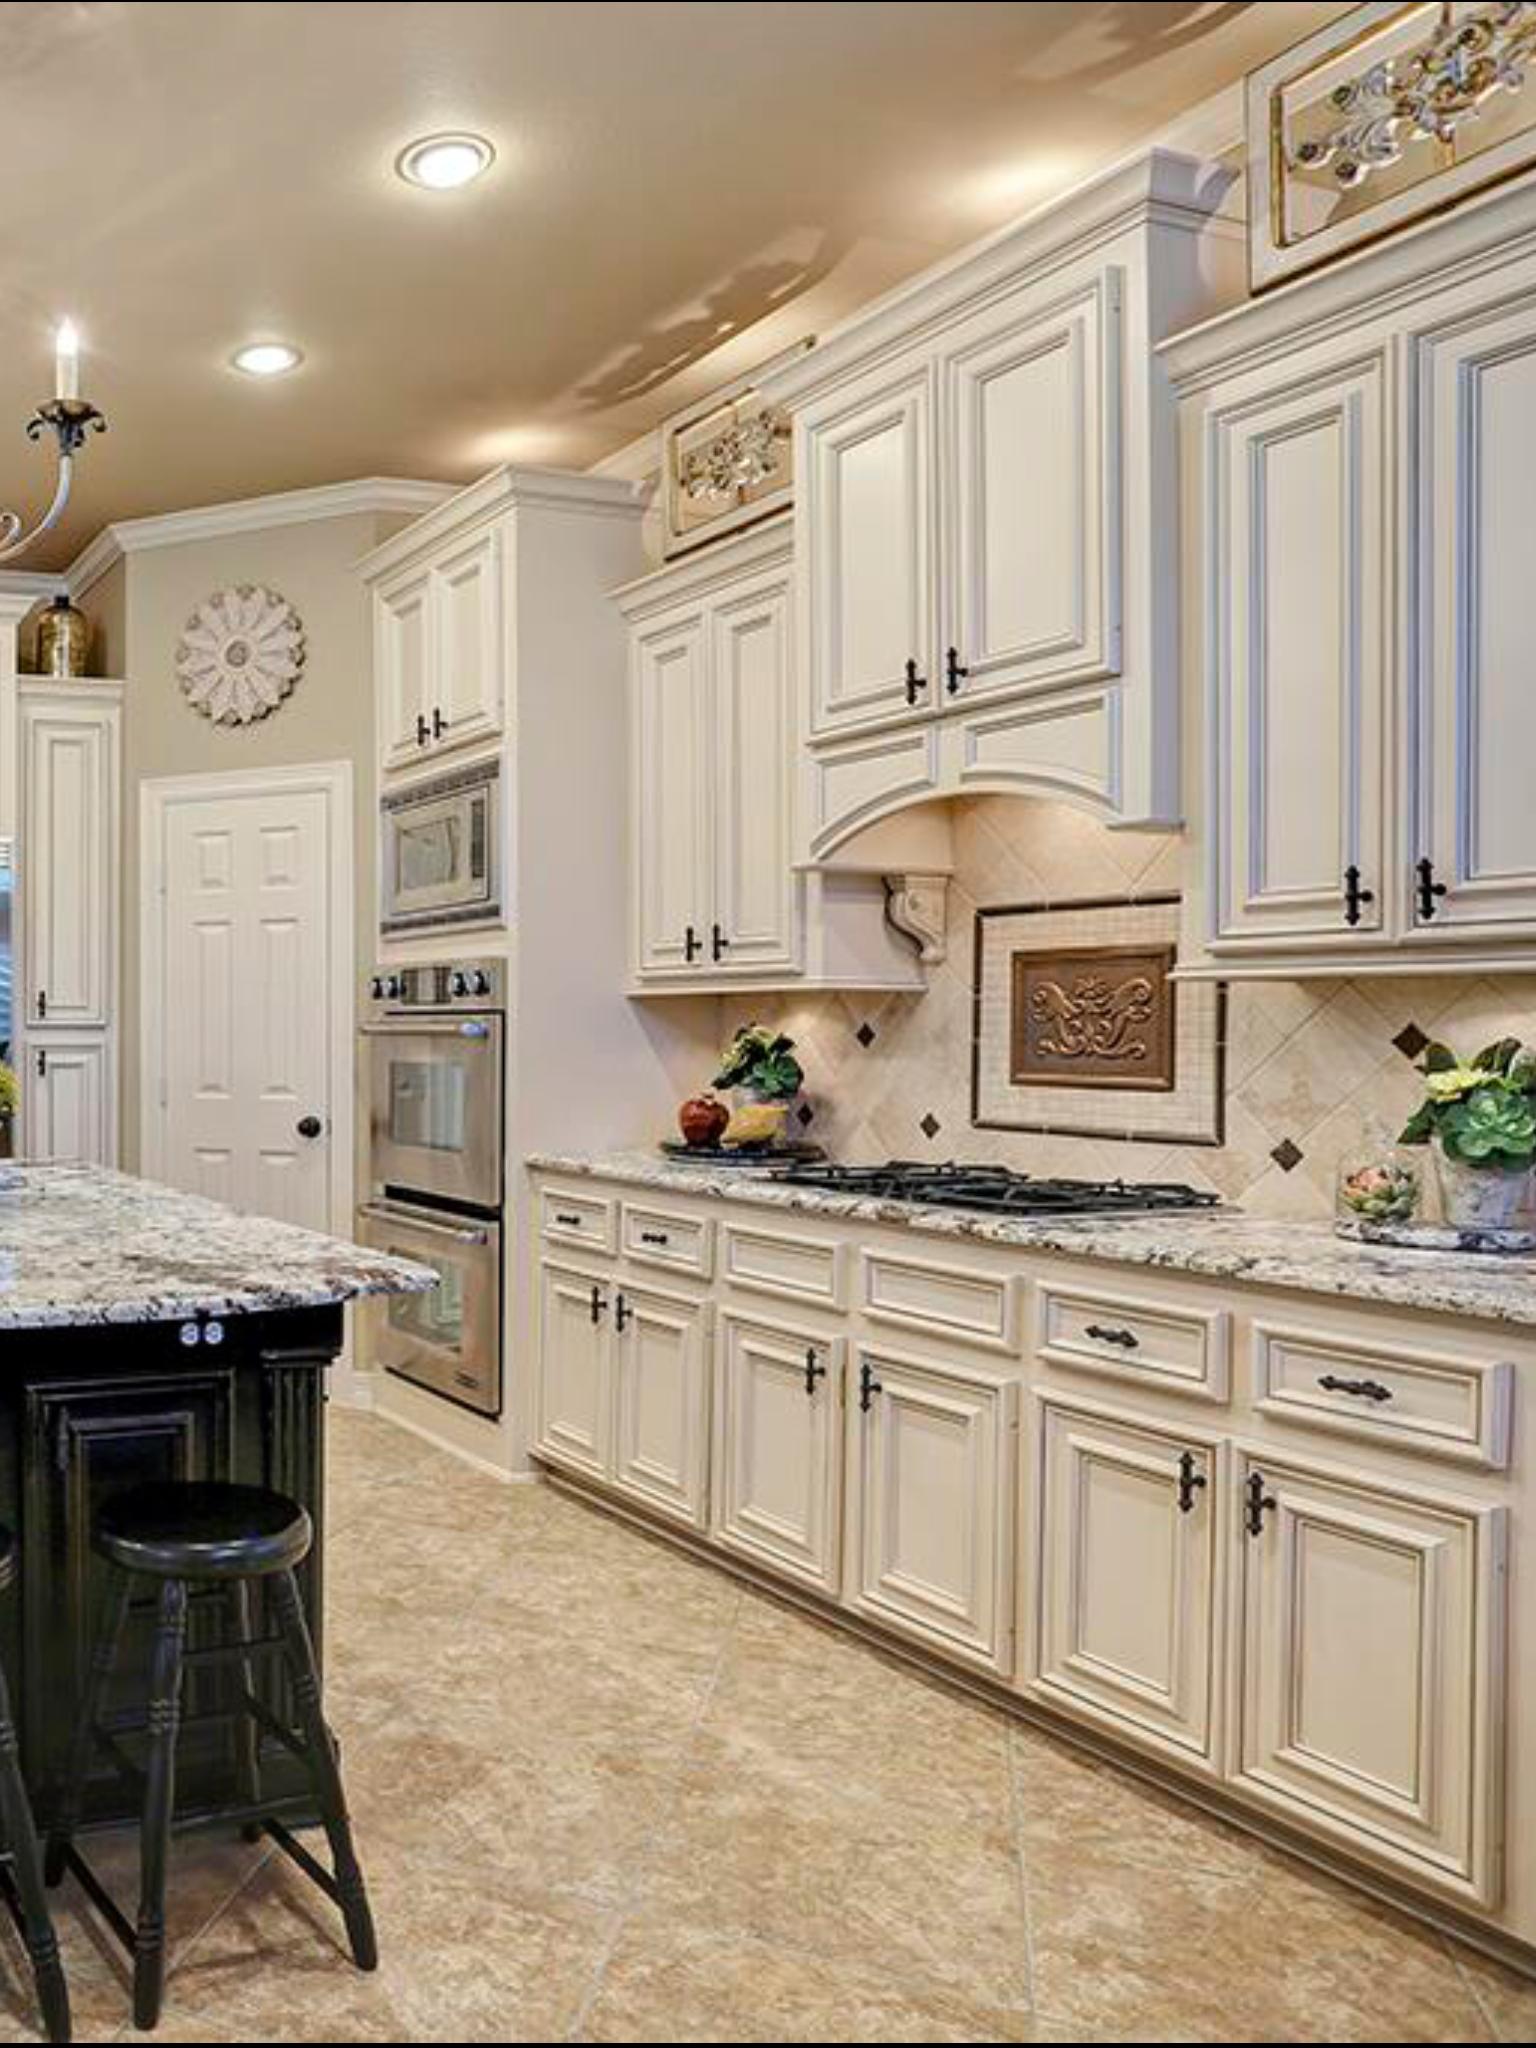 Beautiful Ornate Kitchen Kitchen Backsplash Designs Ornate Kitchen Kitchen Designs Layout